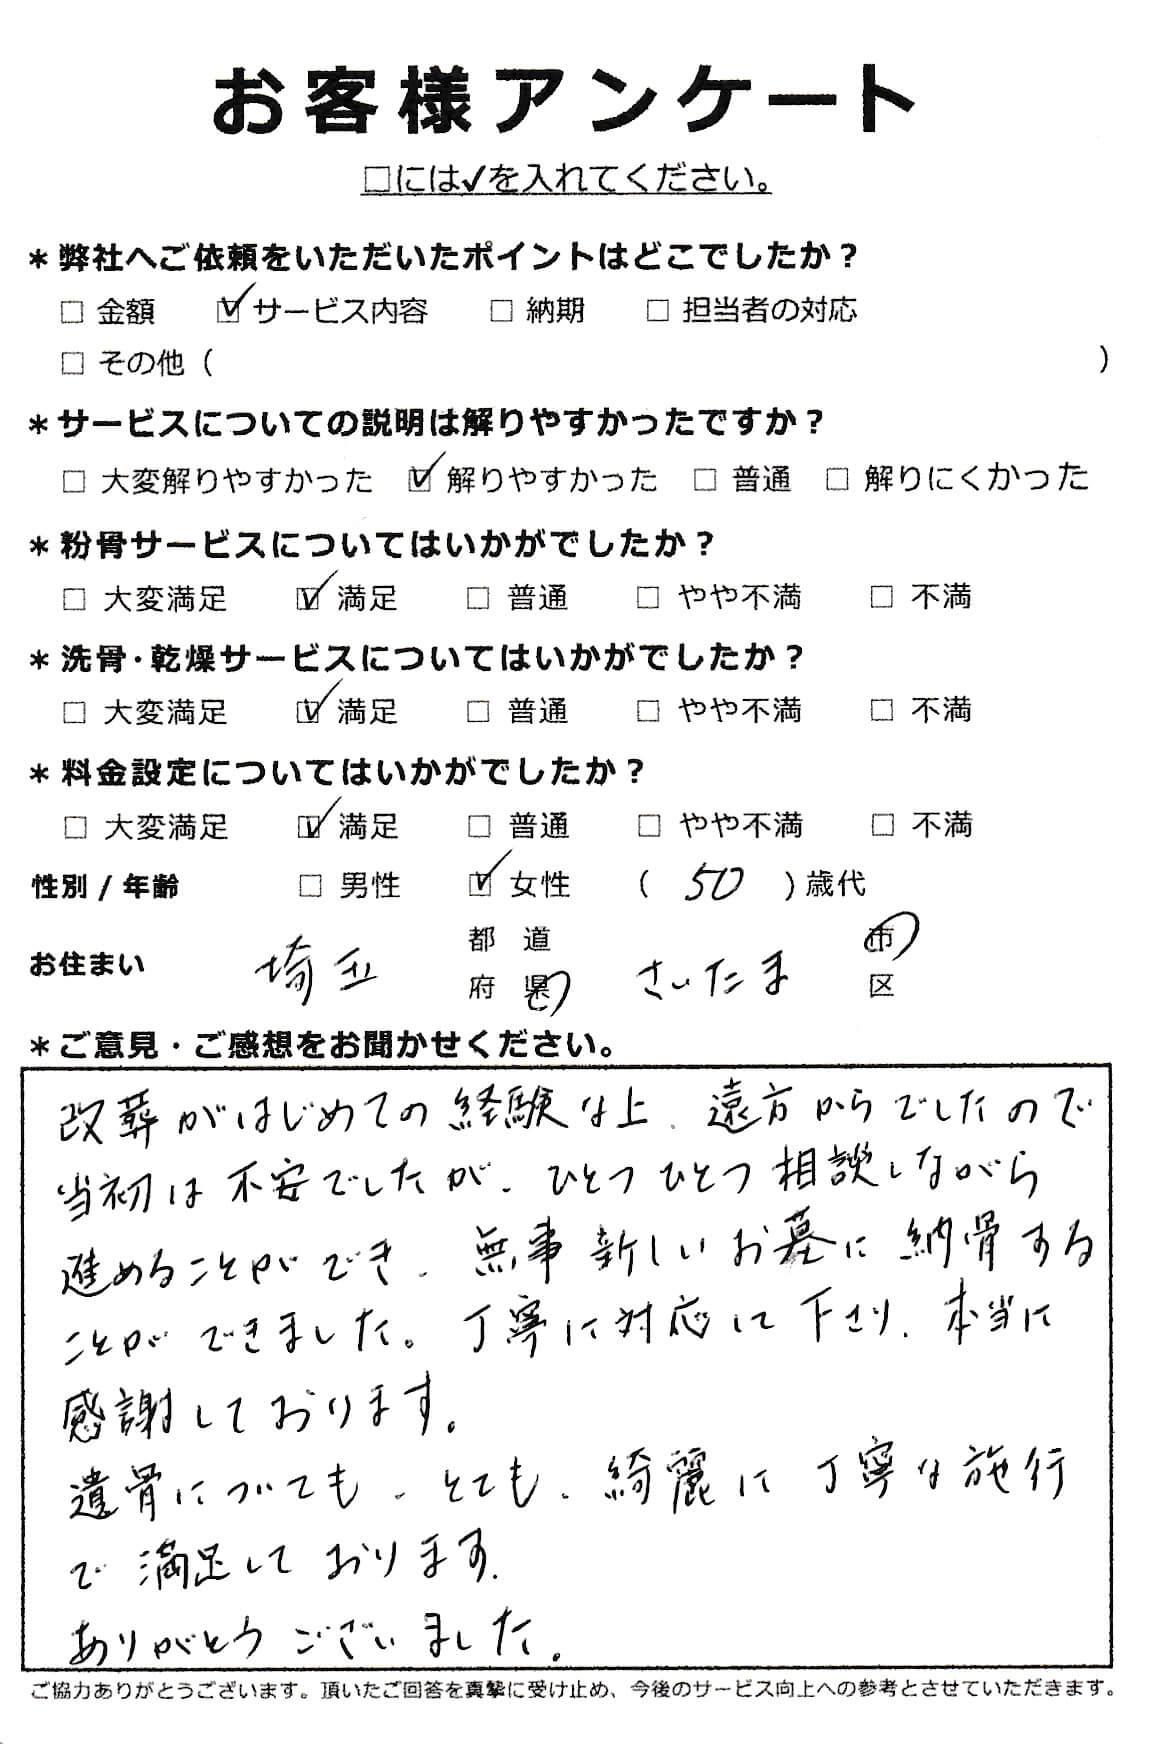 埼玉県さいたま市での墓じまい・粉骨・洗骨サービス